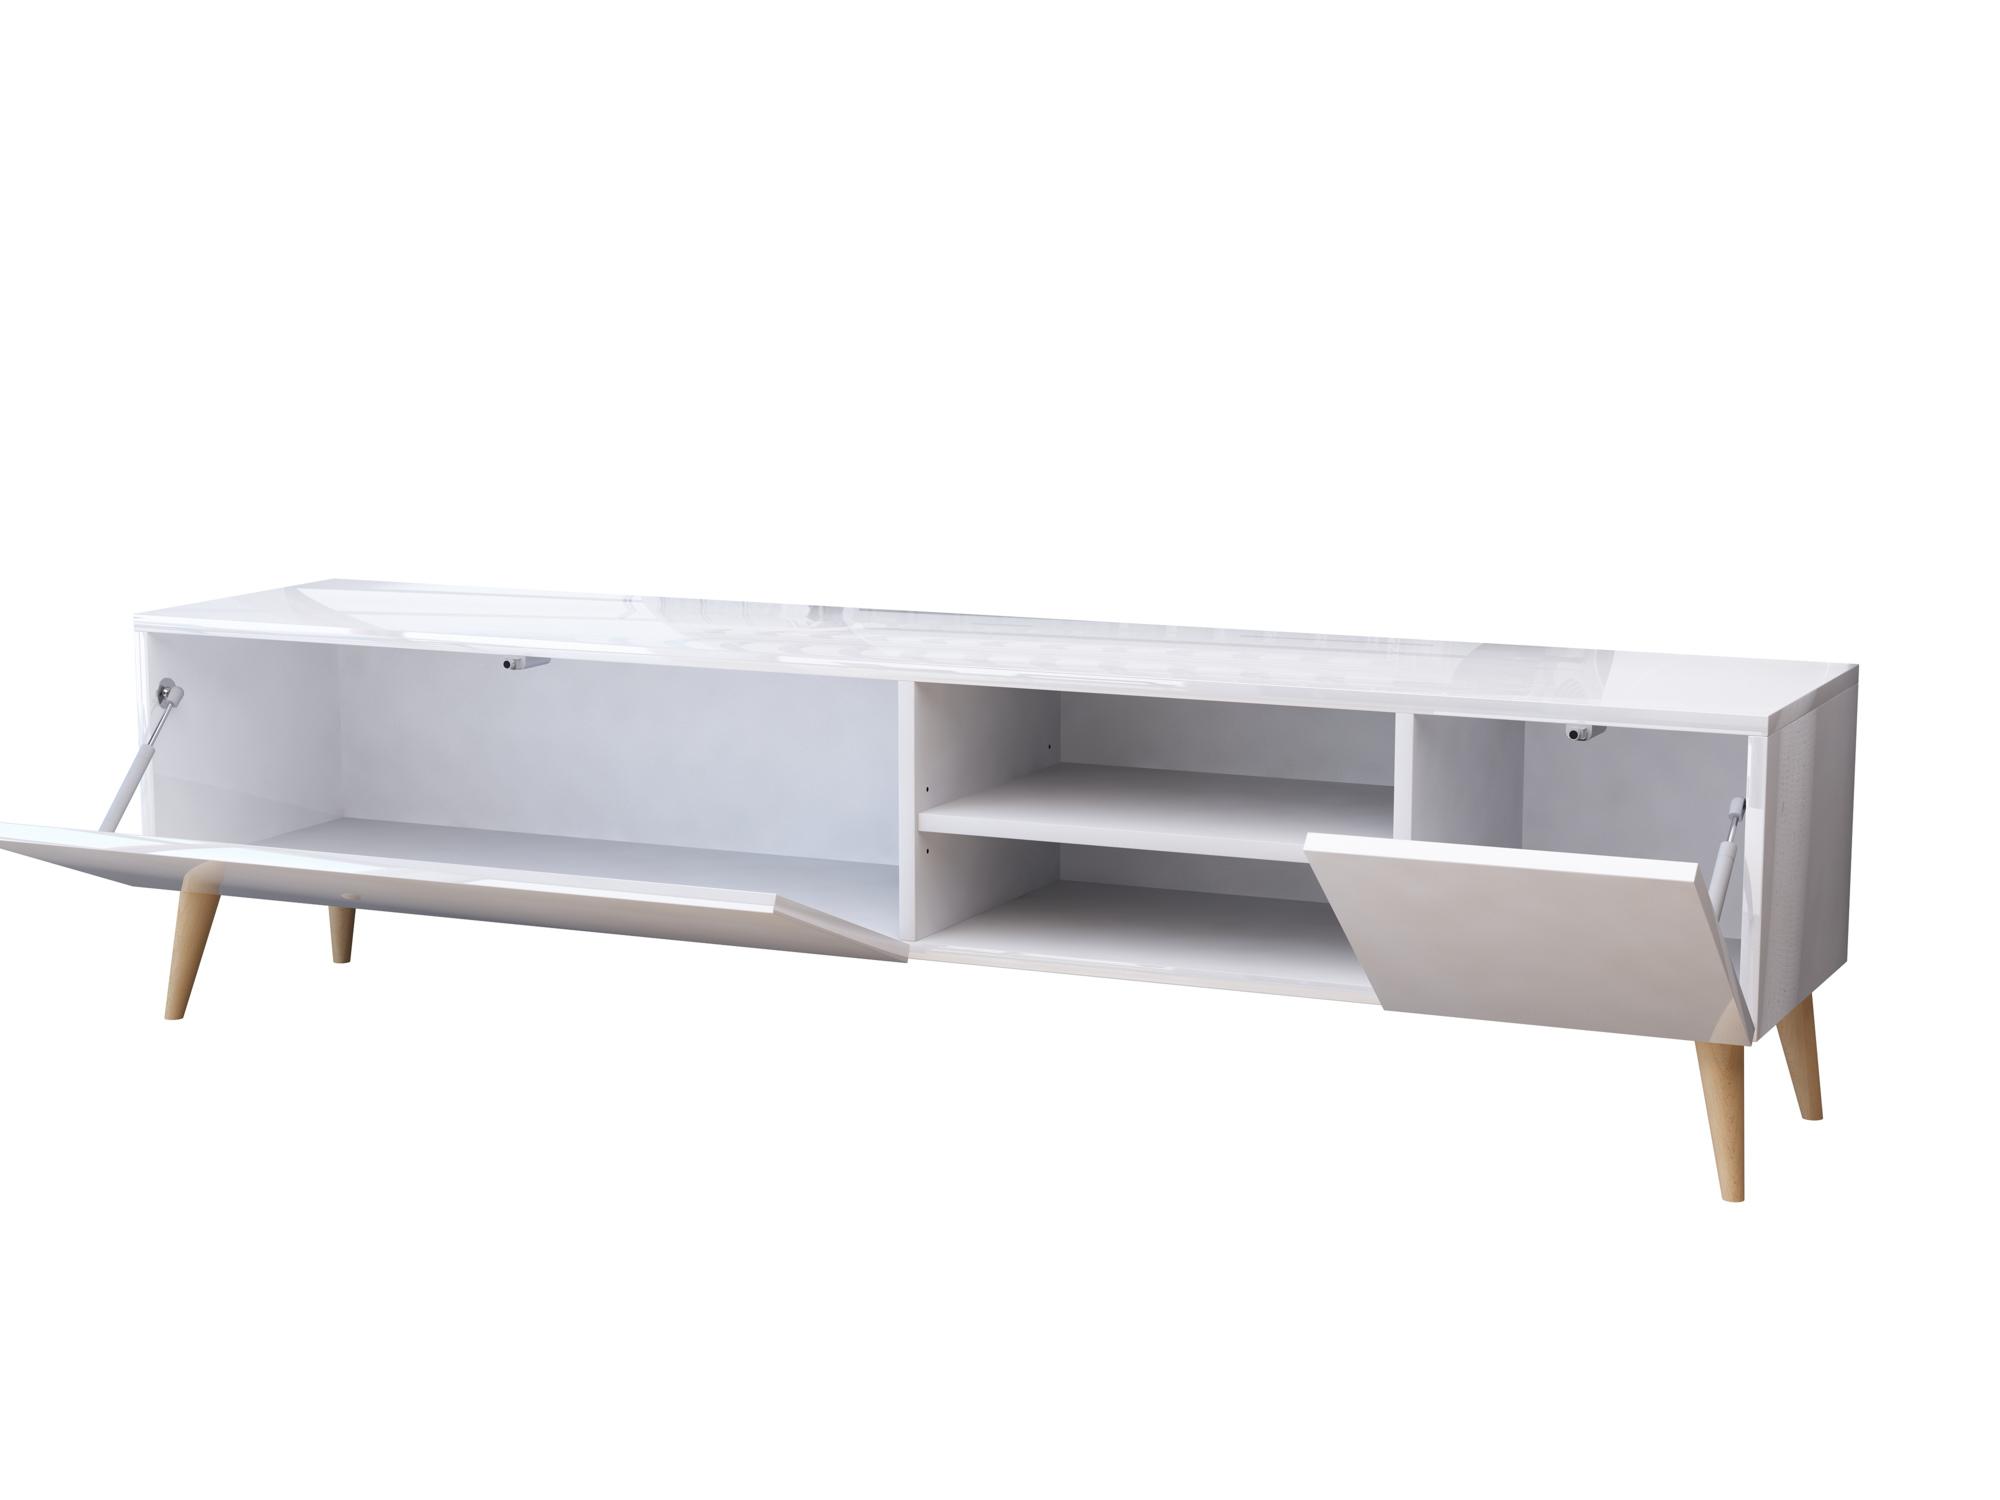 szafka pod telewizor, drewniane nóżki, styl skandynawski